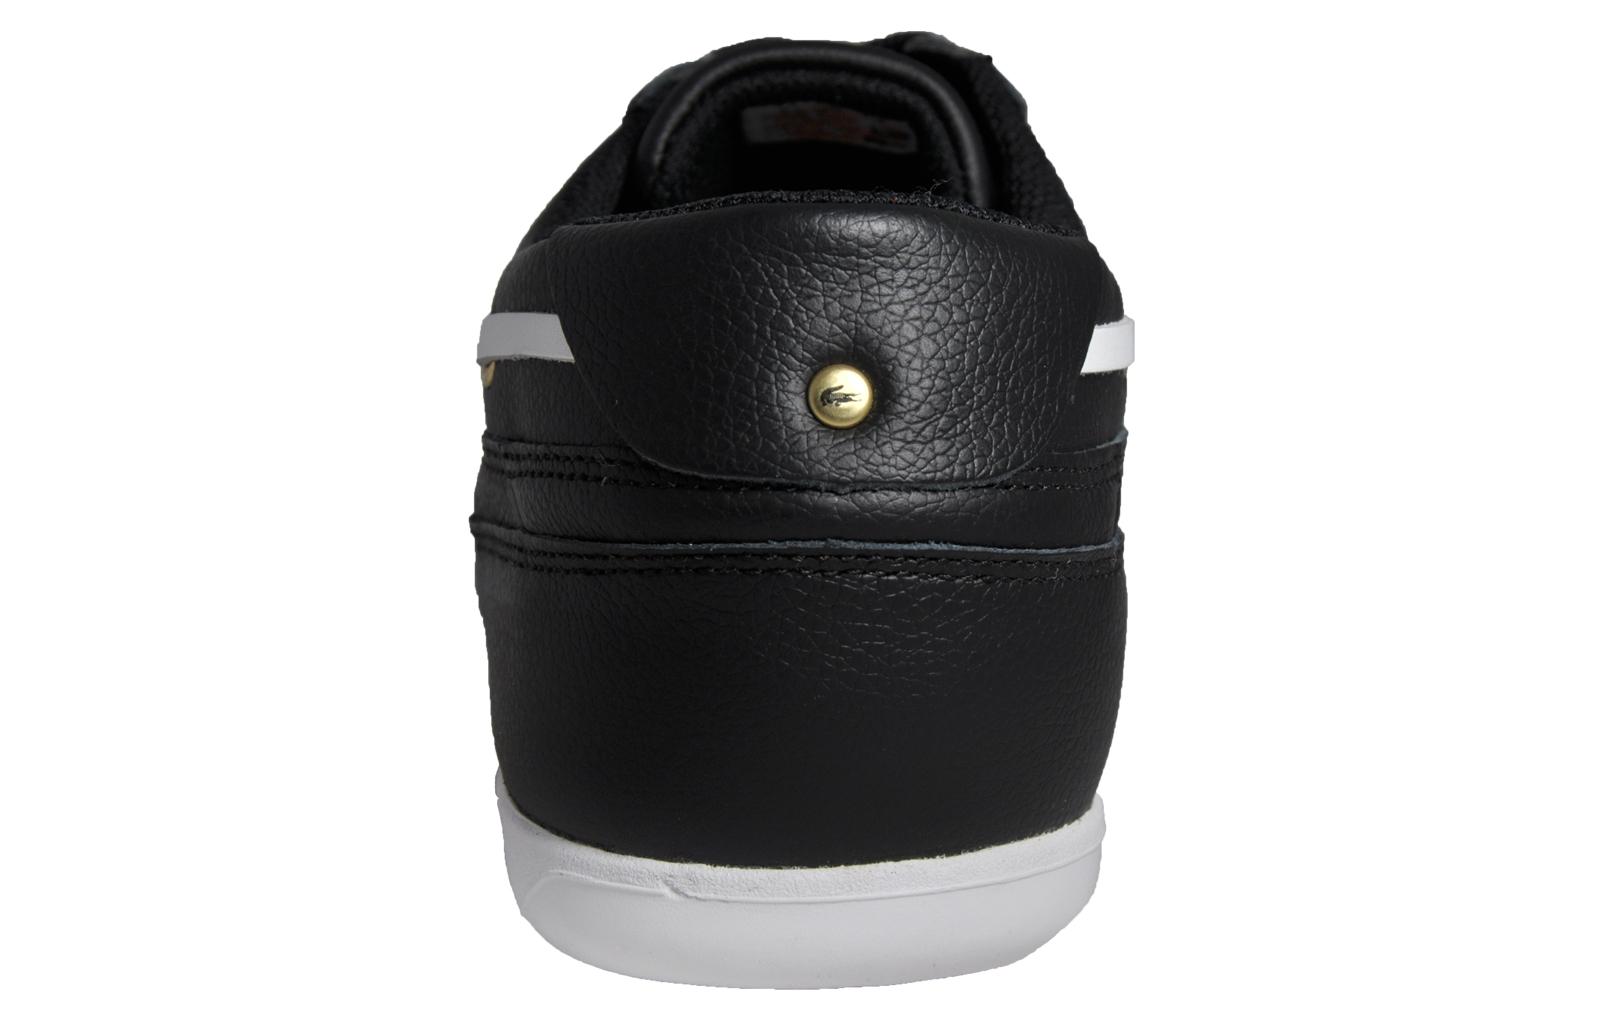 5d8122ae920629 Lacoste Dreyfus AP Mens Classic Casual Designer Leather Deck Shoes Black